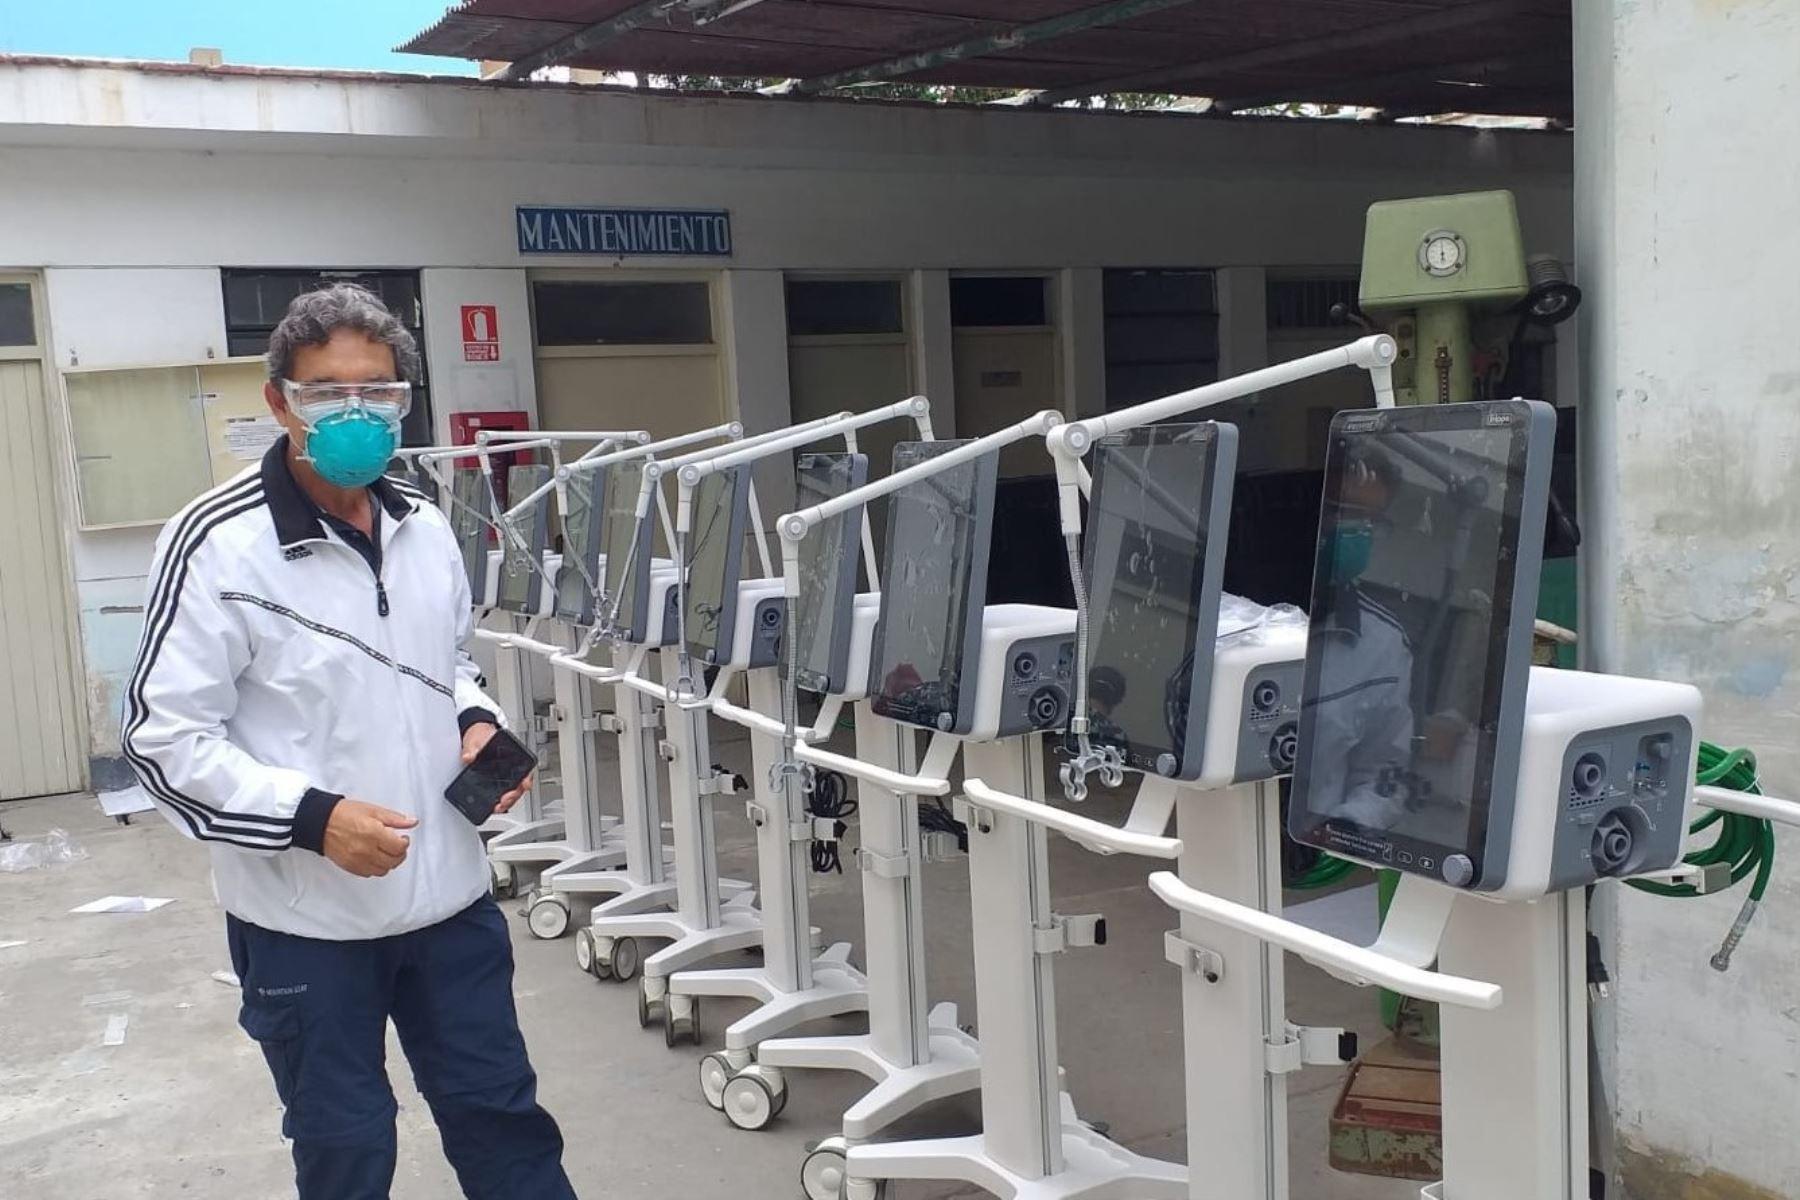 Ventiladores enviados por el Minsa para reforzar la atención a pacientes covid-19 en La Libertad. Foto: ANDINA/Difusión